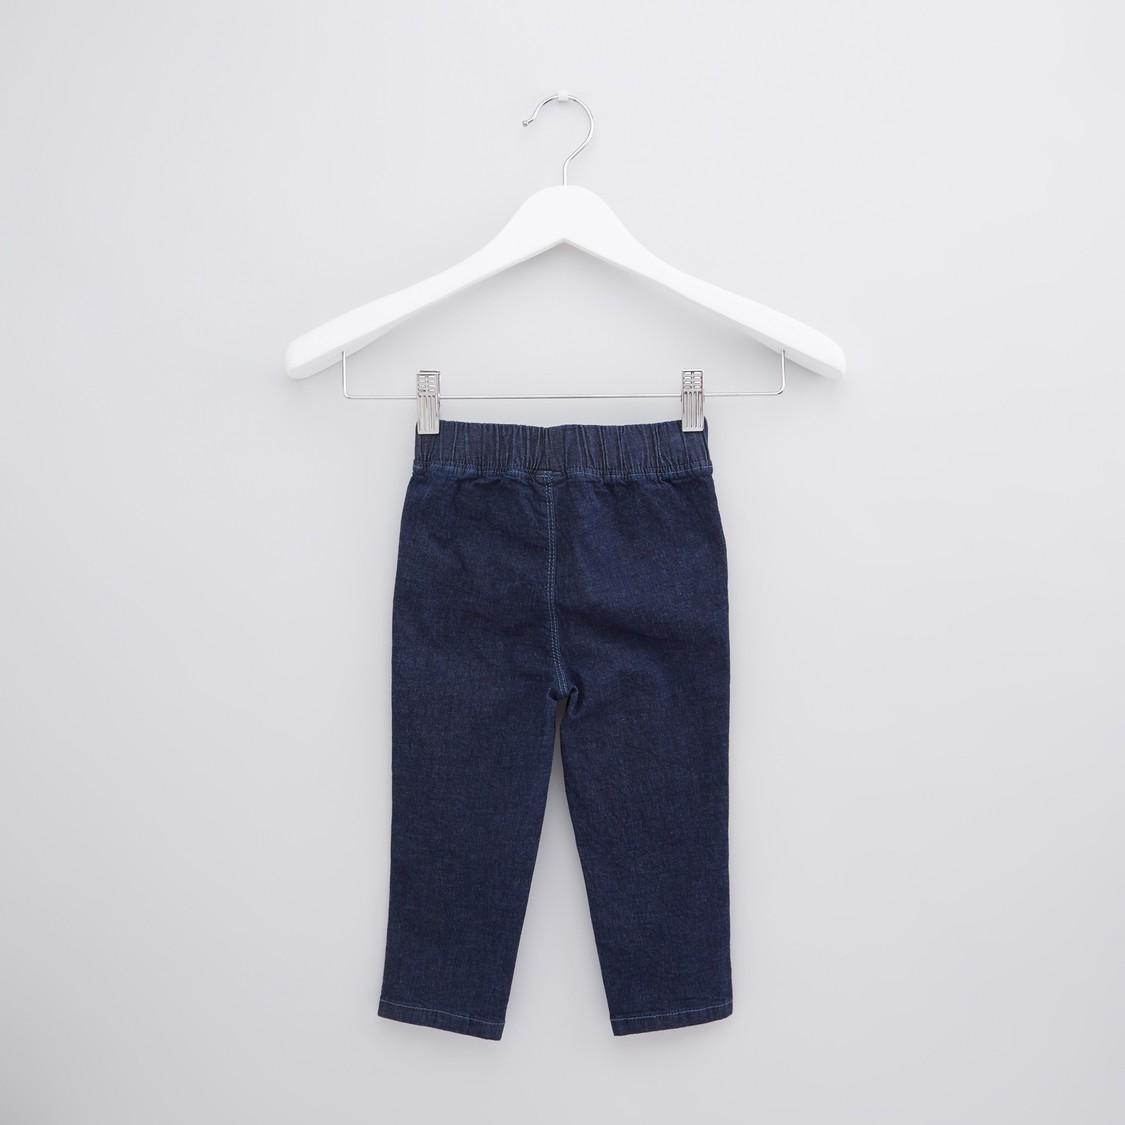 بنطال جينز طويل بخصر مطاطي